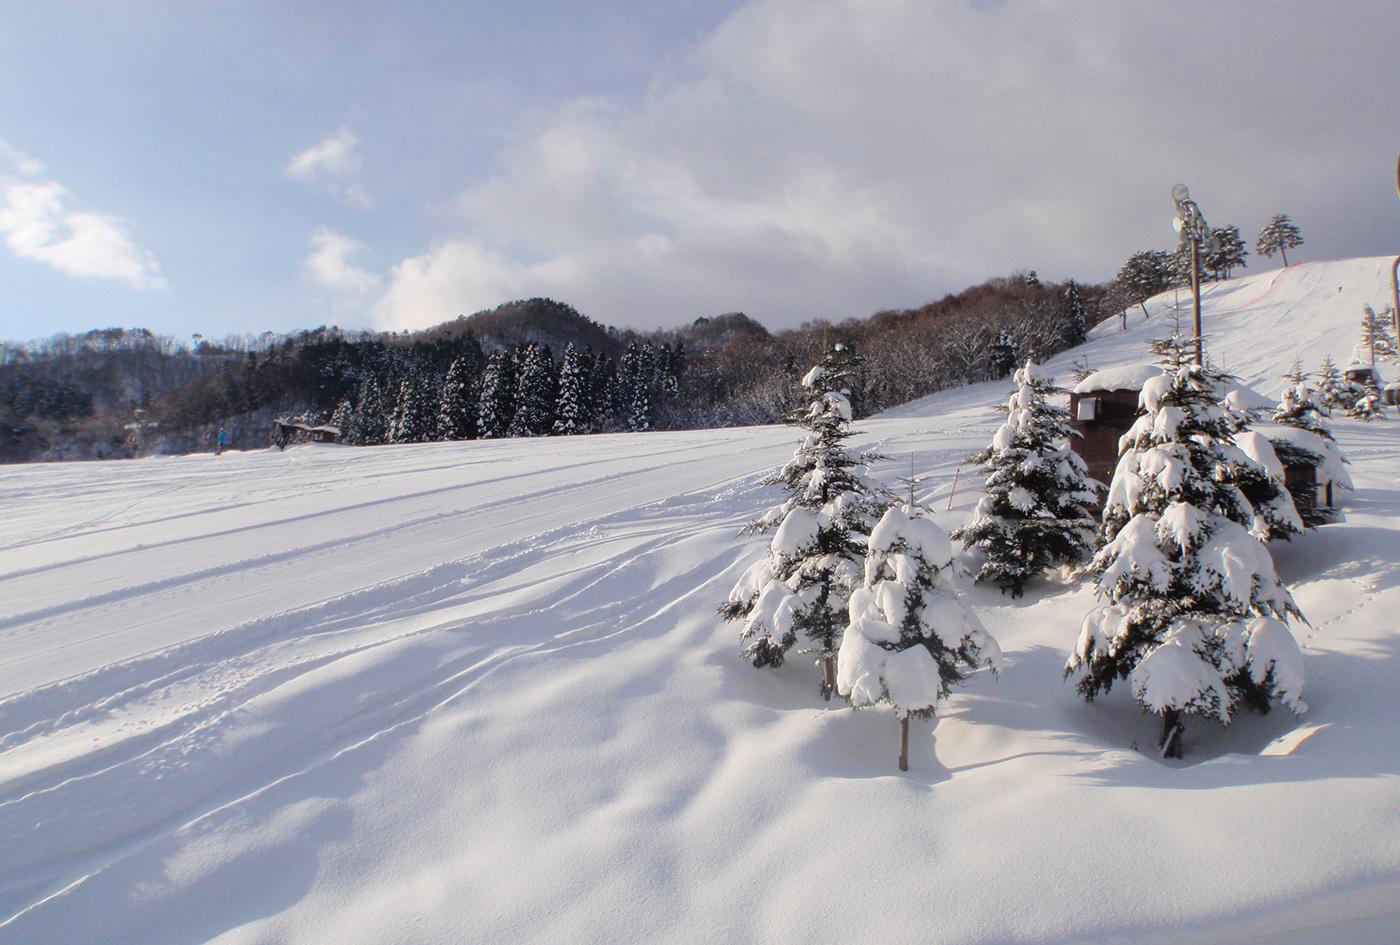 兵庫県スノーボード技術選手権大会 | 兵庫県